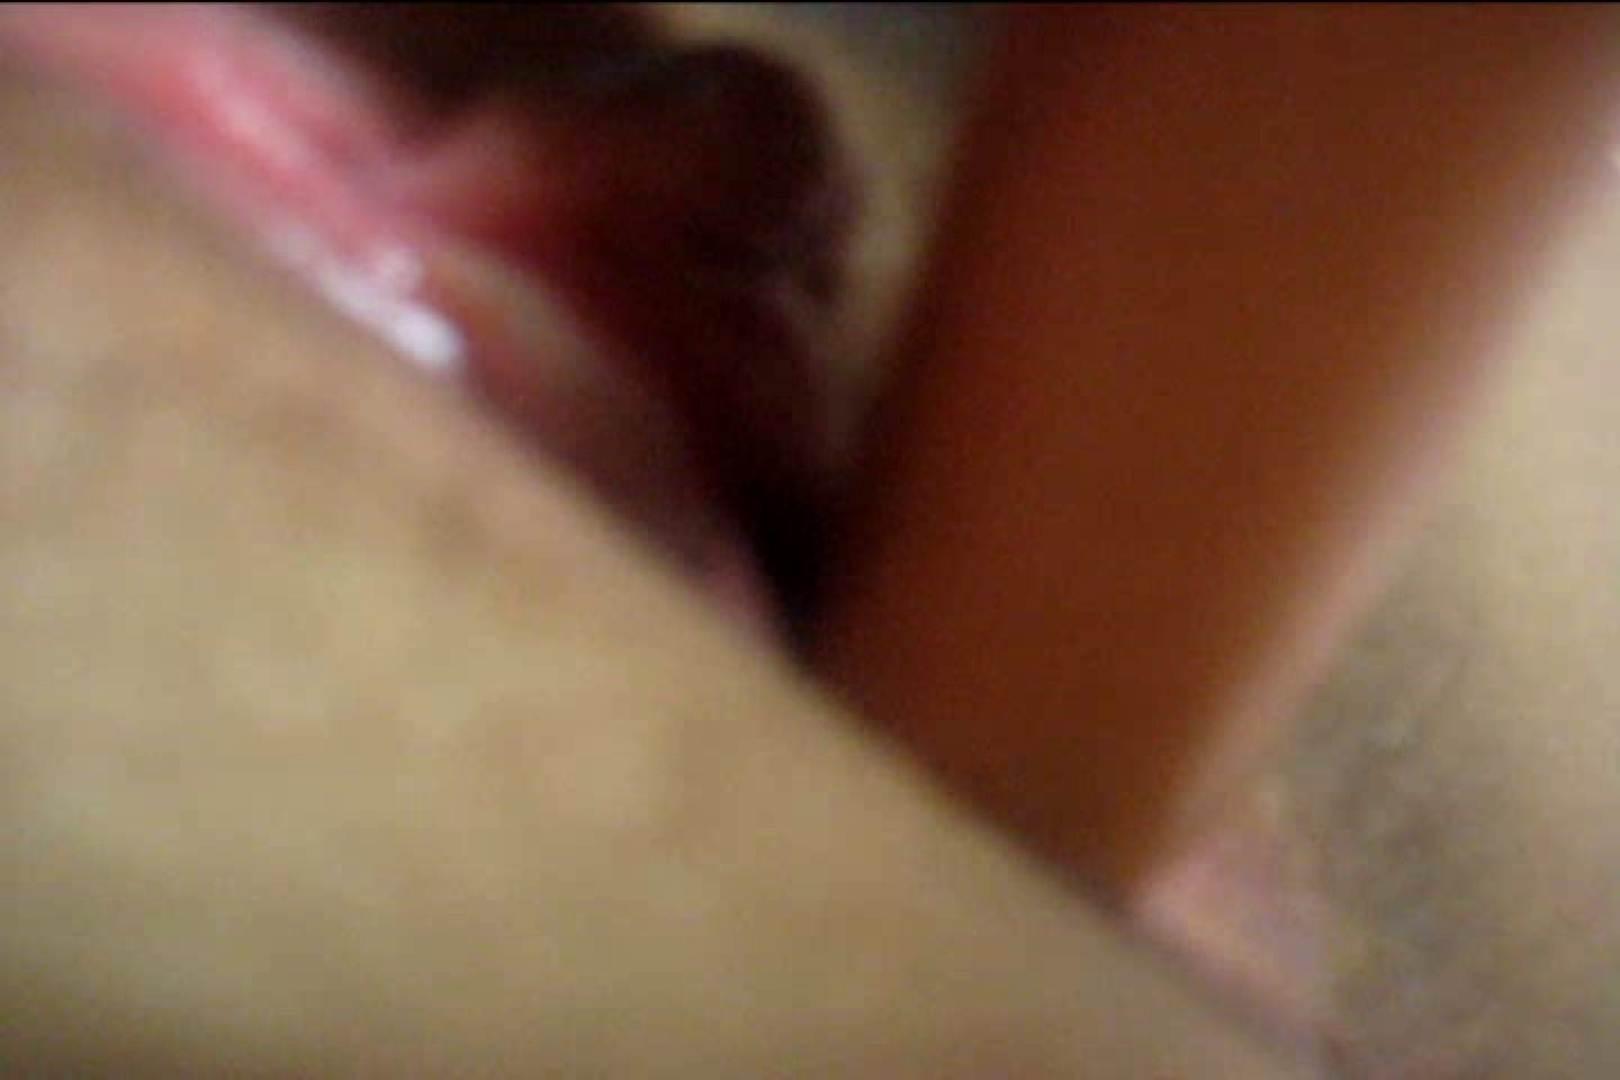 コリアン素人流出シリーズ 変態美少女の自我撮りマン弄り エッチな素人   リアルマンコ  93枚 53